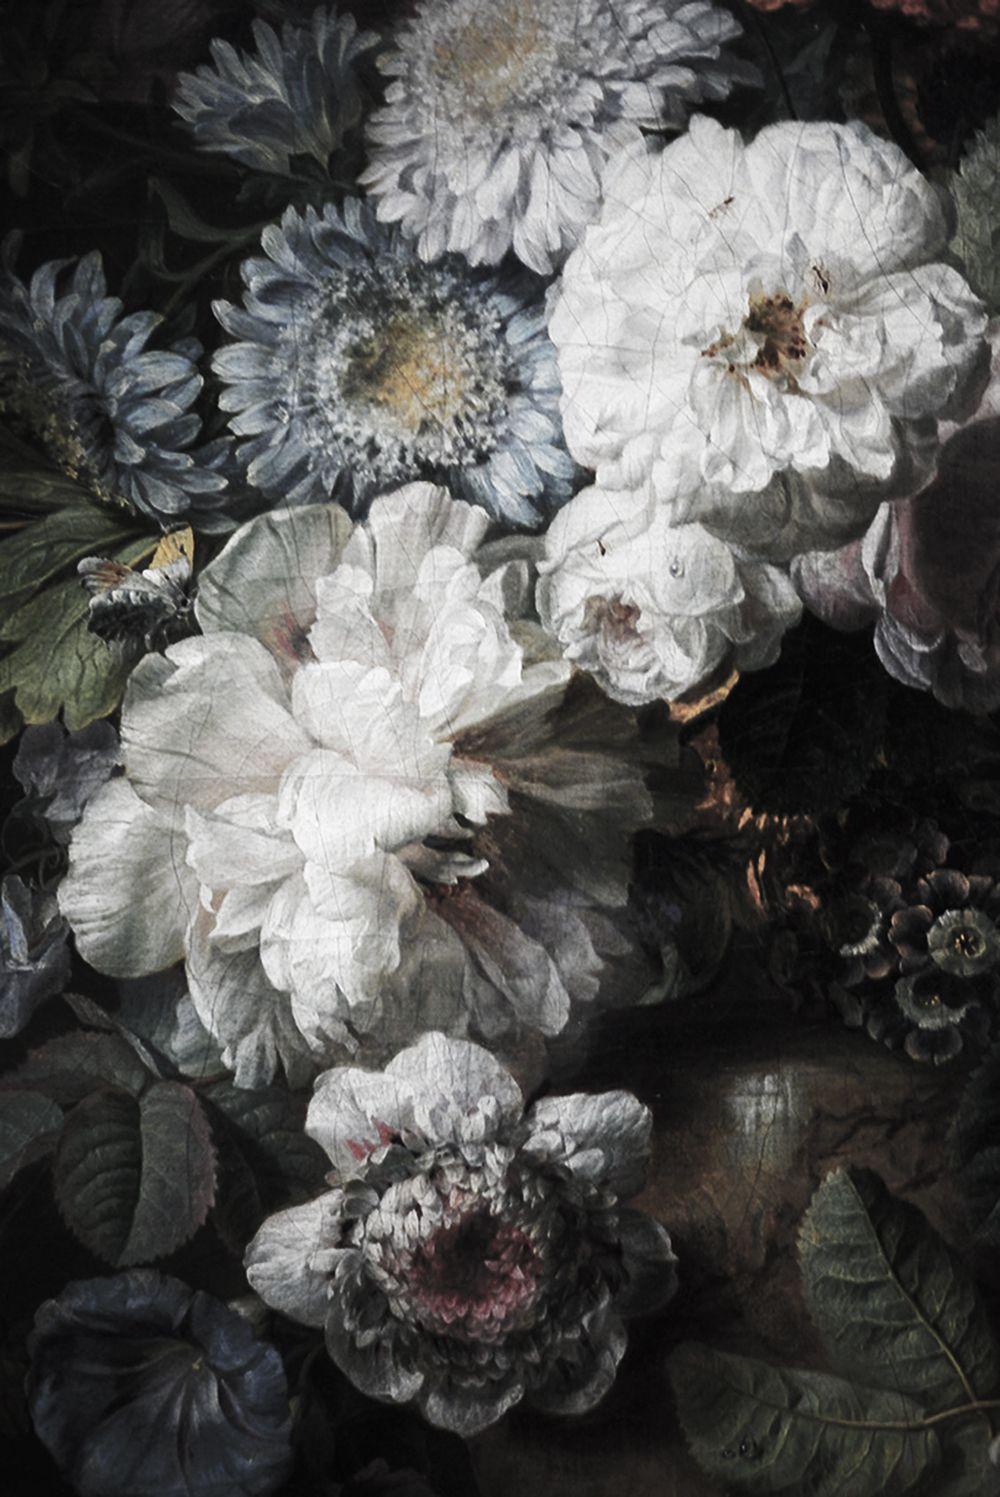 Dark Floral Mural, Floral Wallpaper, Vintage Illustration